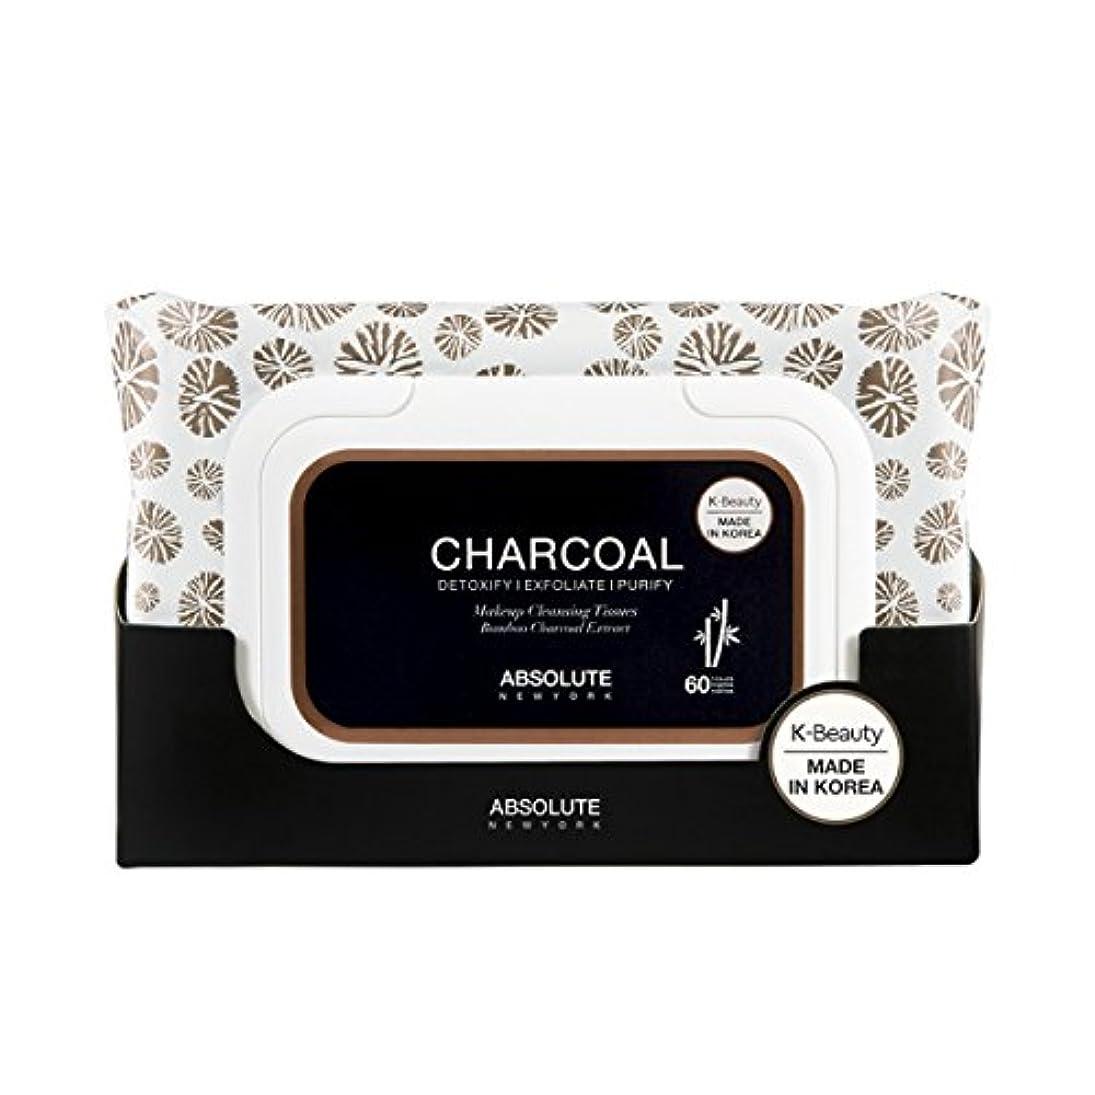 患者ランチョンプールABSOLUTE Charcoal Cleansing Tissue (並行輸入品)